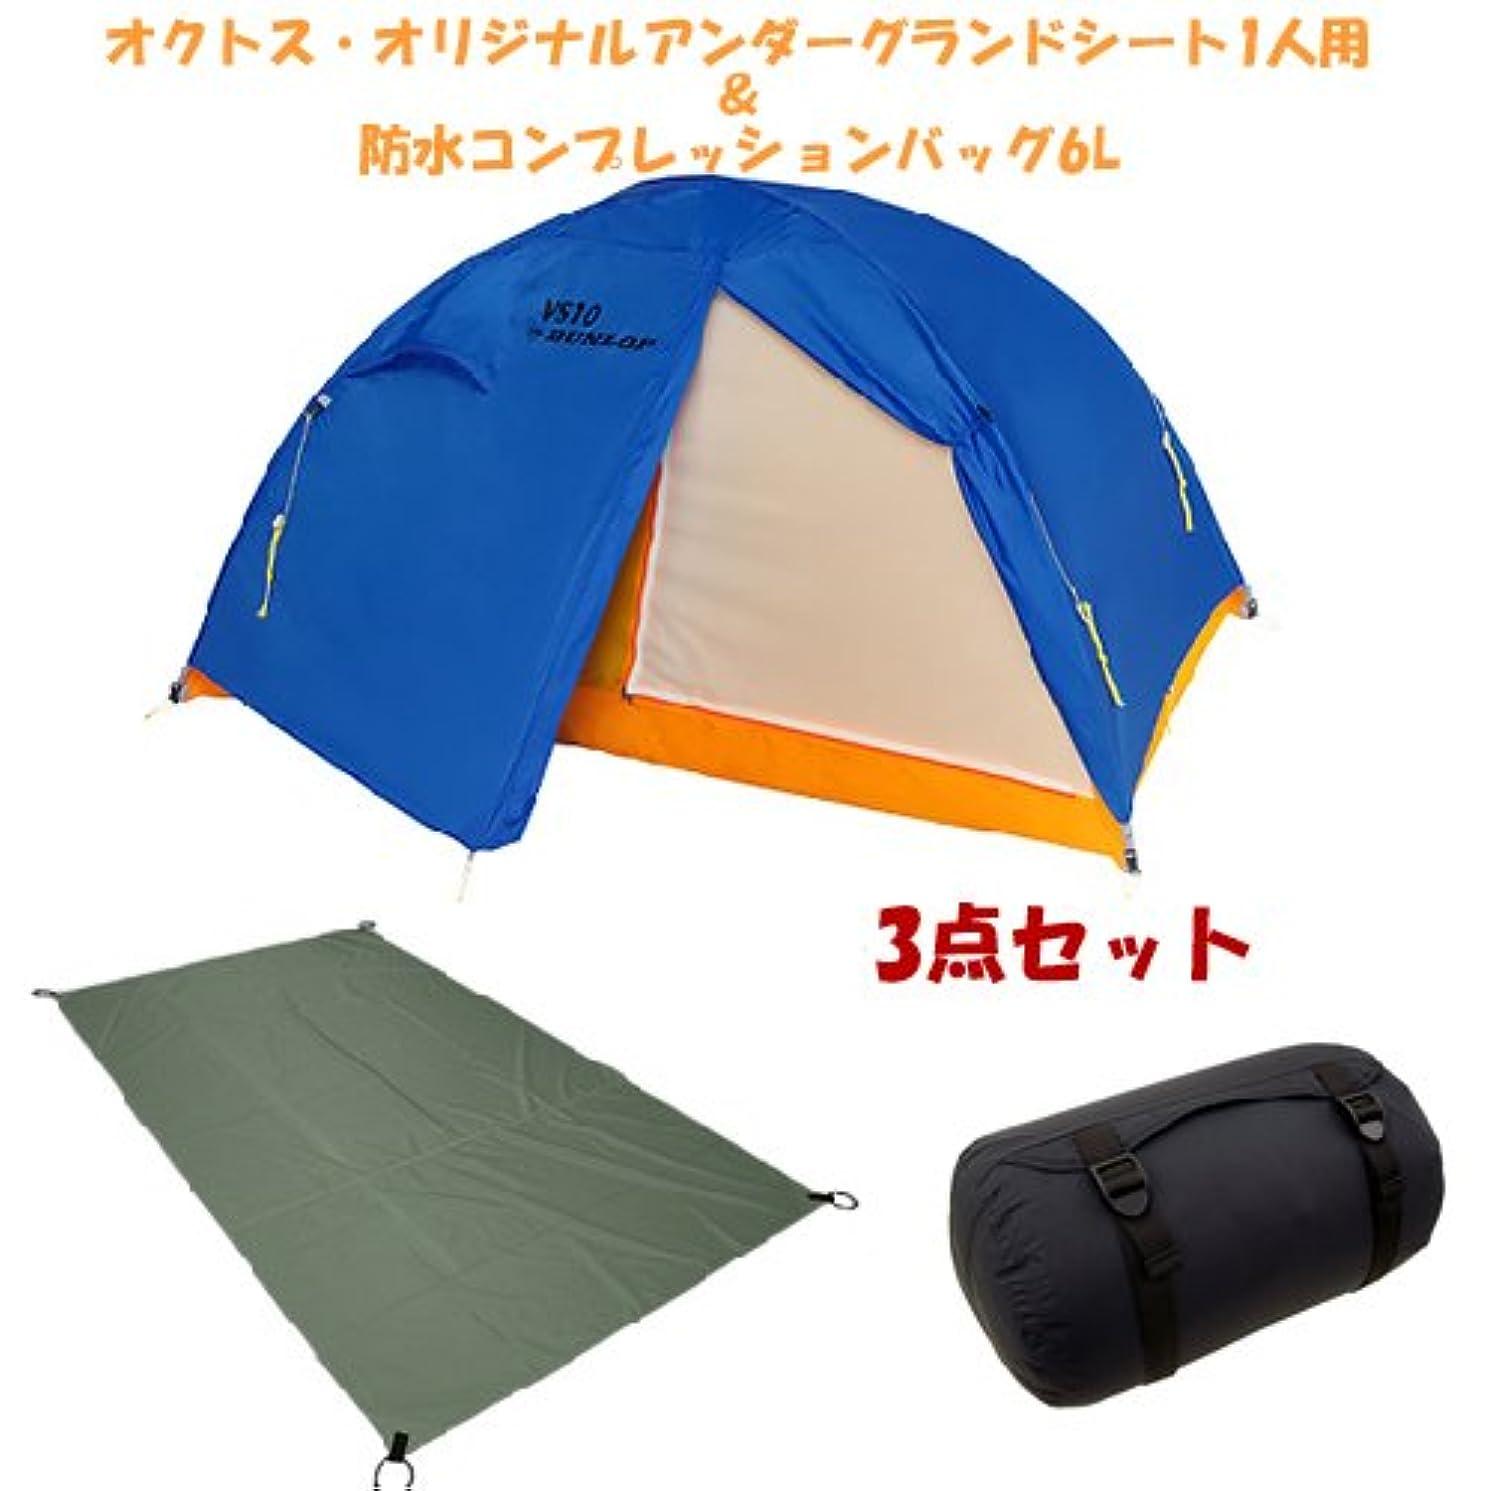 家主推測ハンドブックDUNLOP VS10 1人用コンパクト登山テント【oxtosアンダーグランドシート1人用&コンプレッションバッグ6L付】